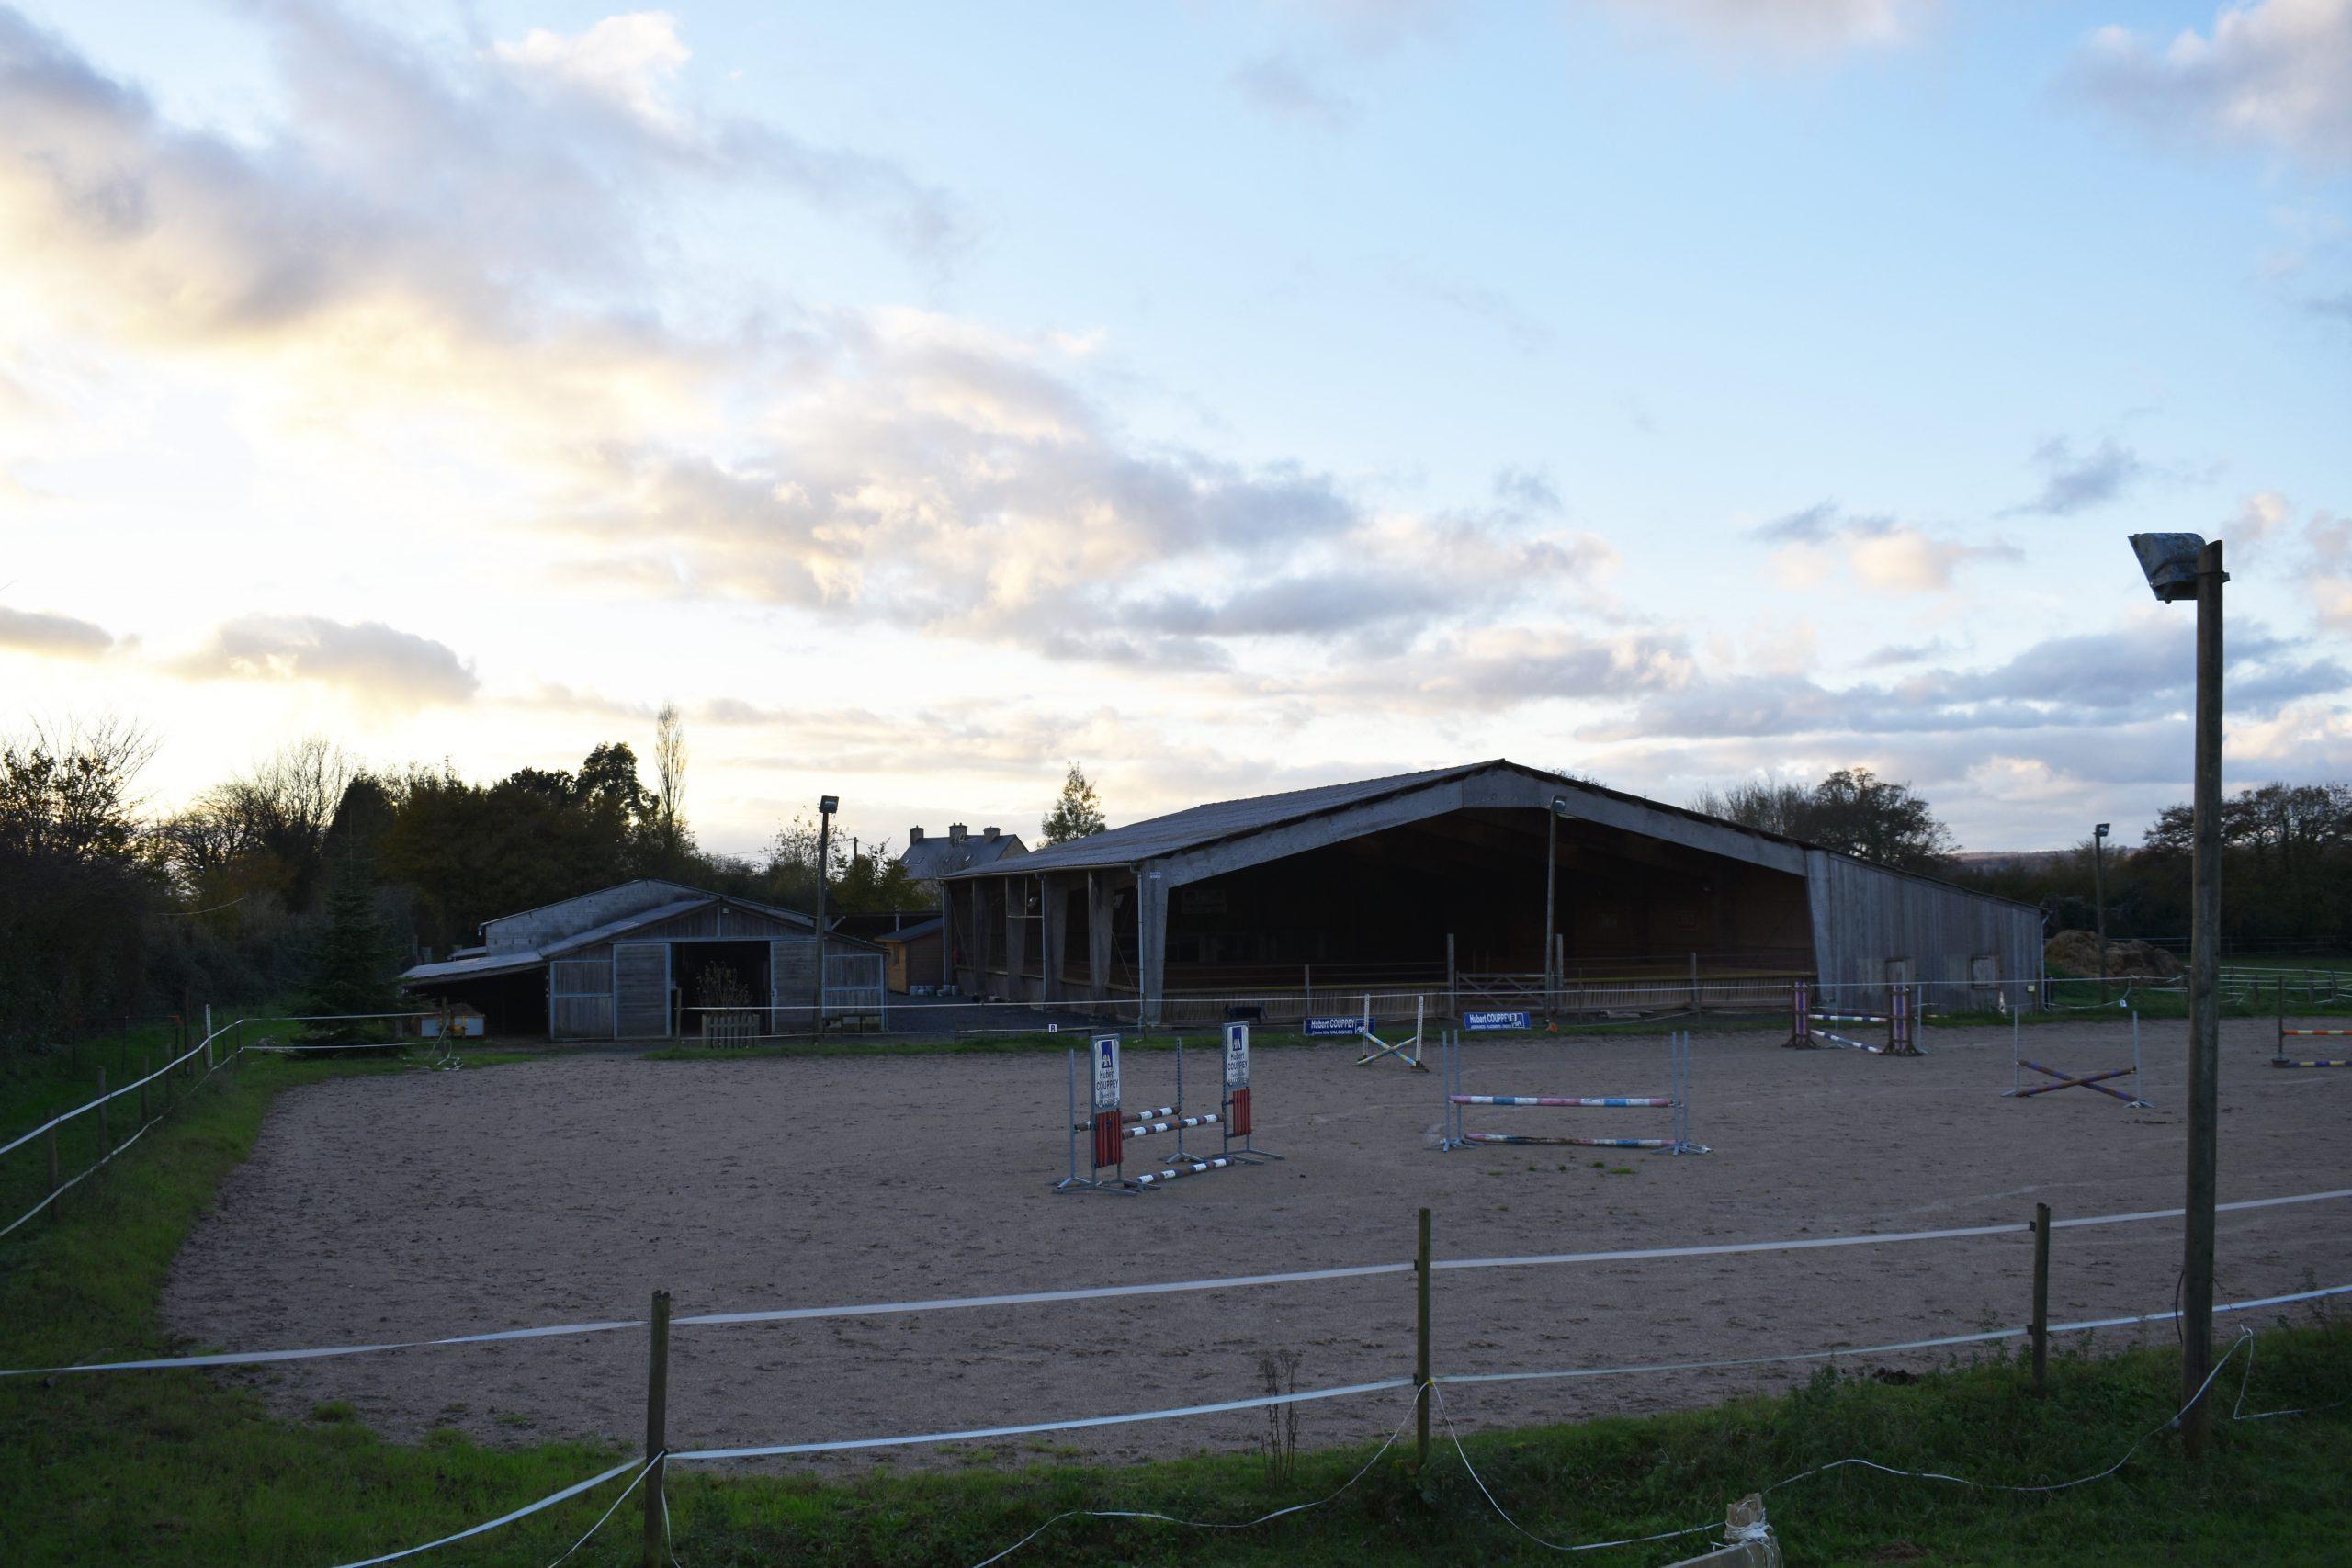 Écurie de sport, centre équestre sur 6,2 ha – Secteur Auvers (50)